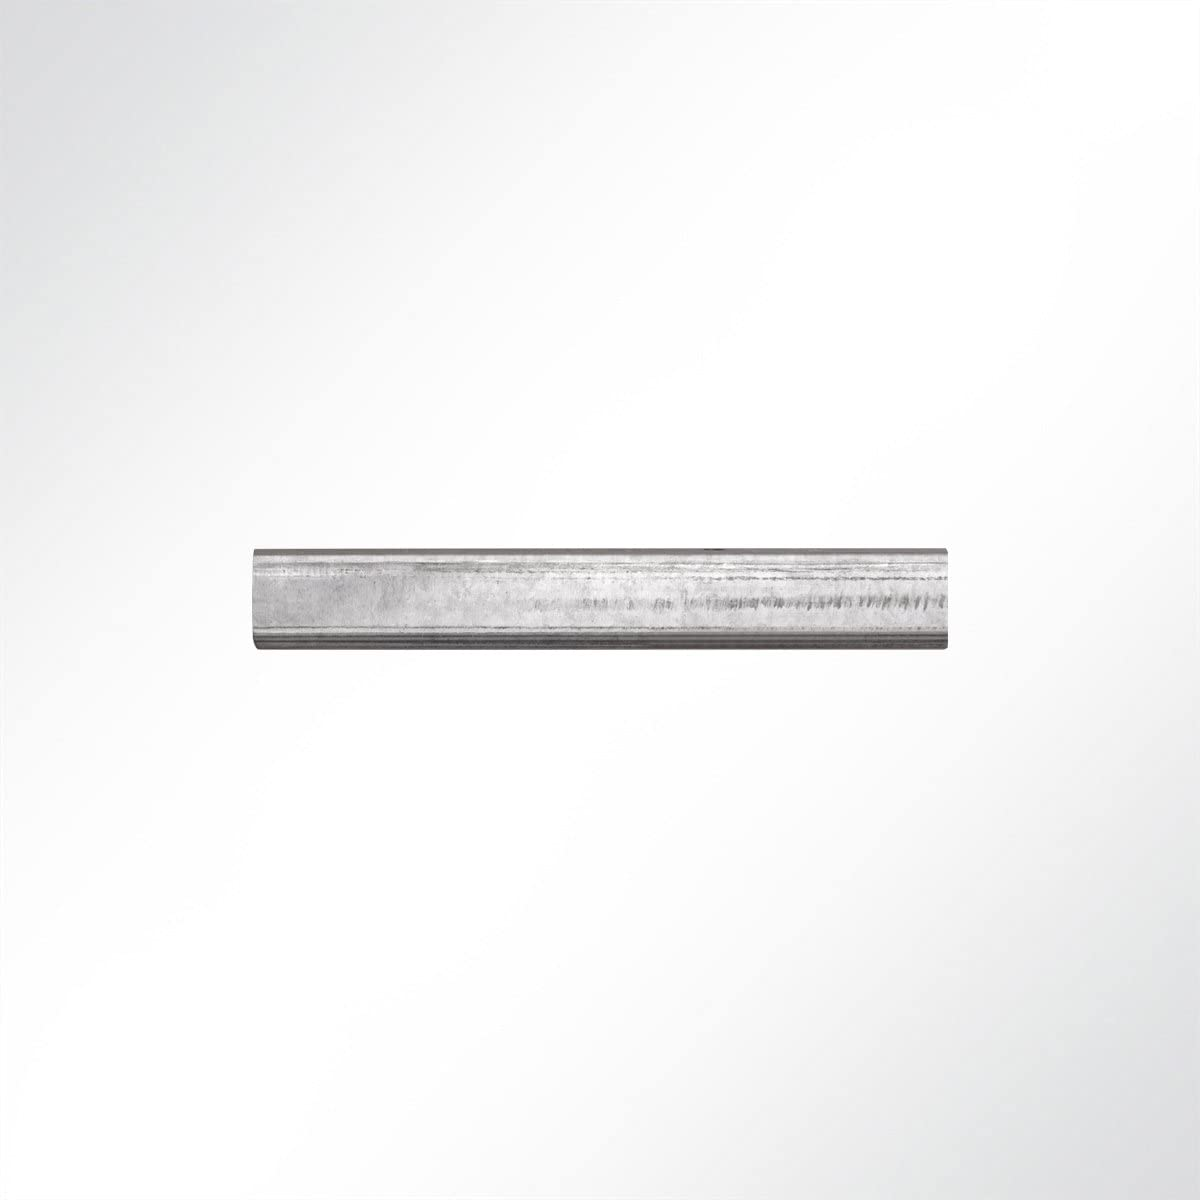 LYSEL/® Laufschiene verzinkt 25x19x2000 mm Schiebetor Schiebet/ür Hallentor